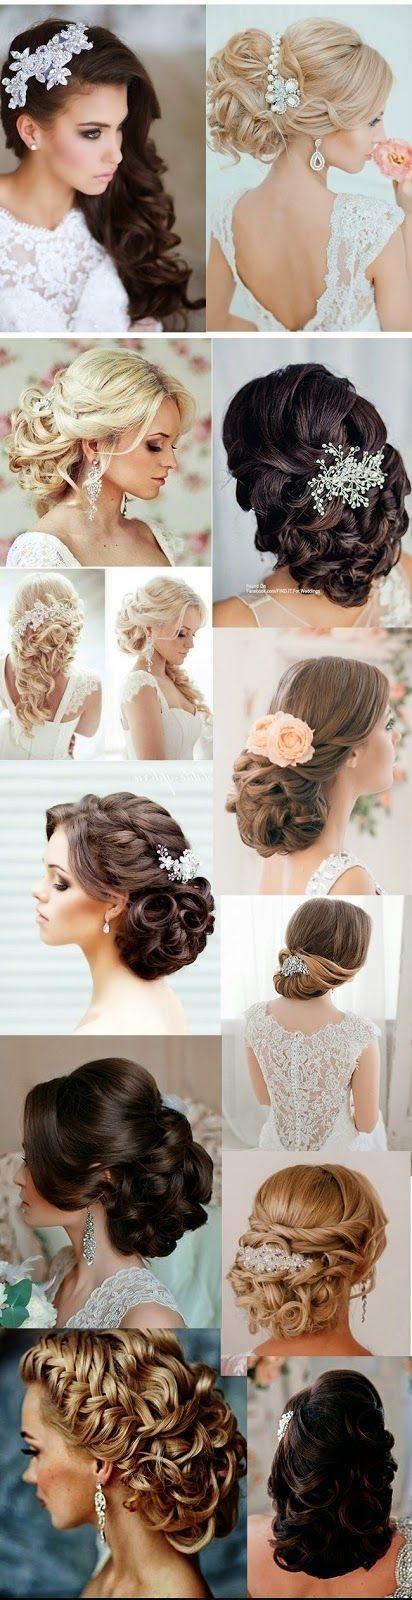 coiffure-mariée-10